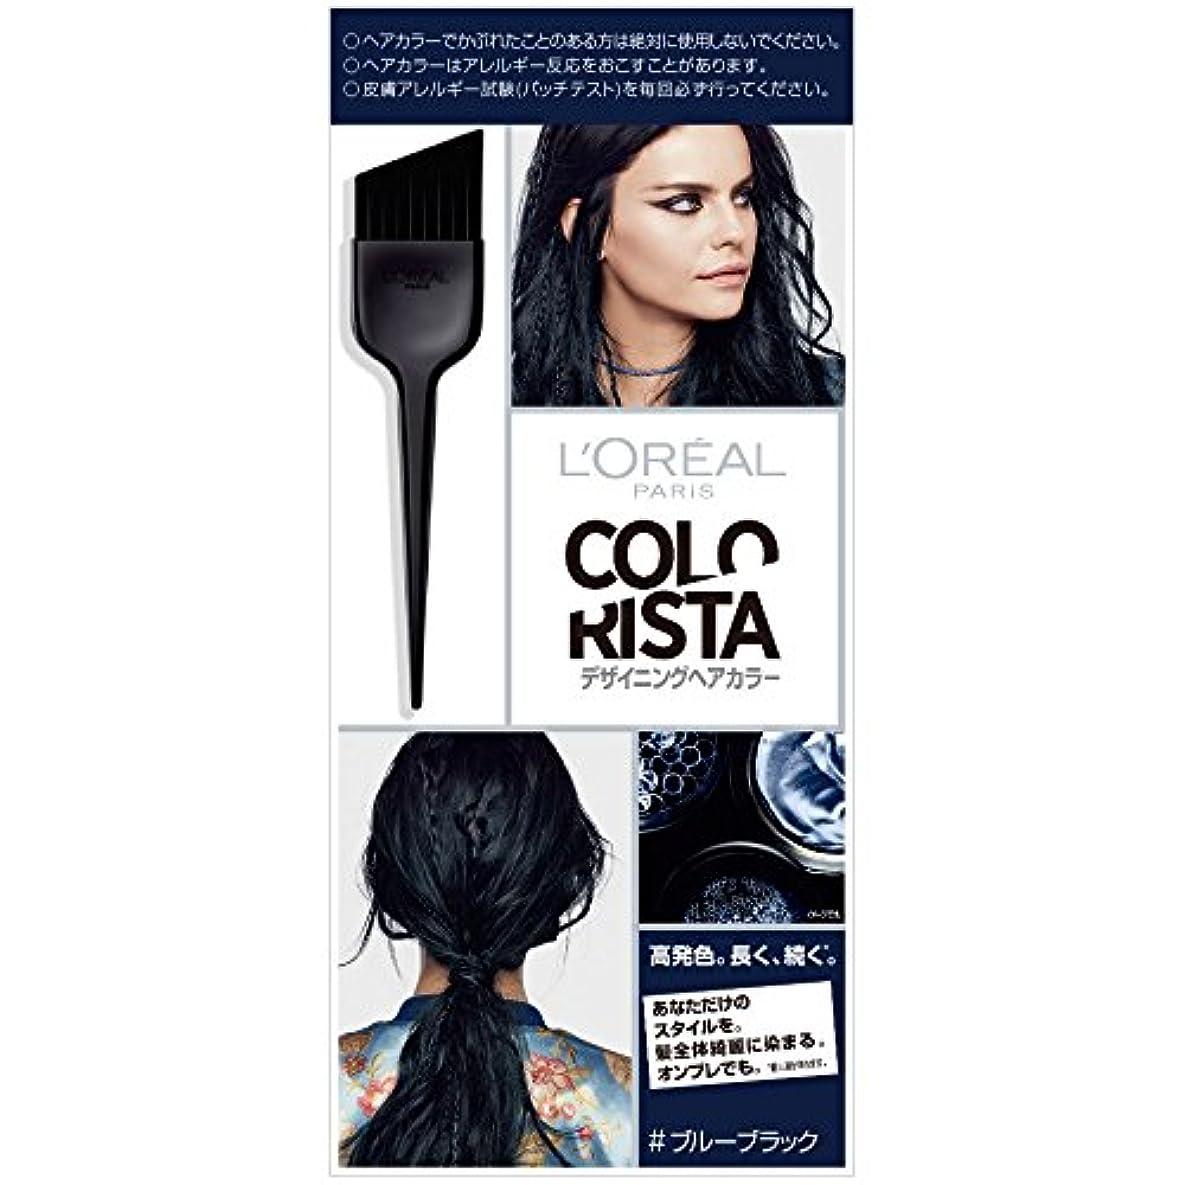 取り付けテロリスト真似るロレアル パリ カラーリスタ デザイニングヘアカラー ブルーブラック